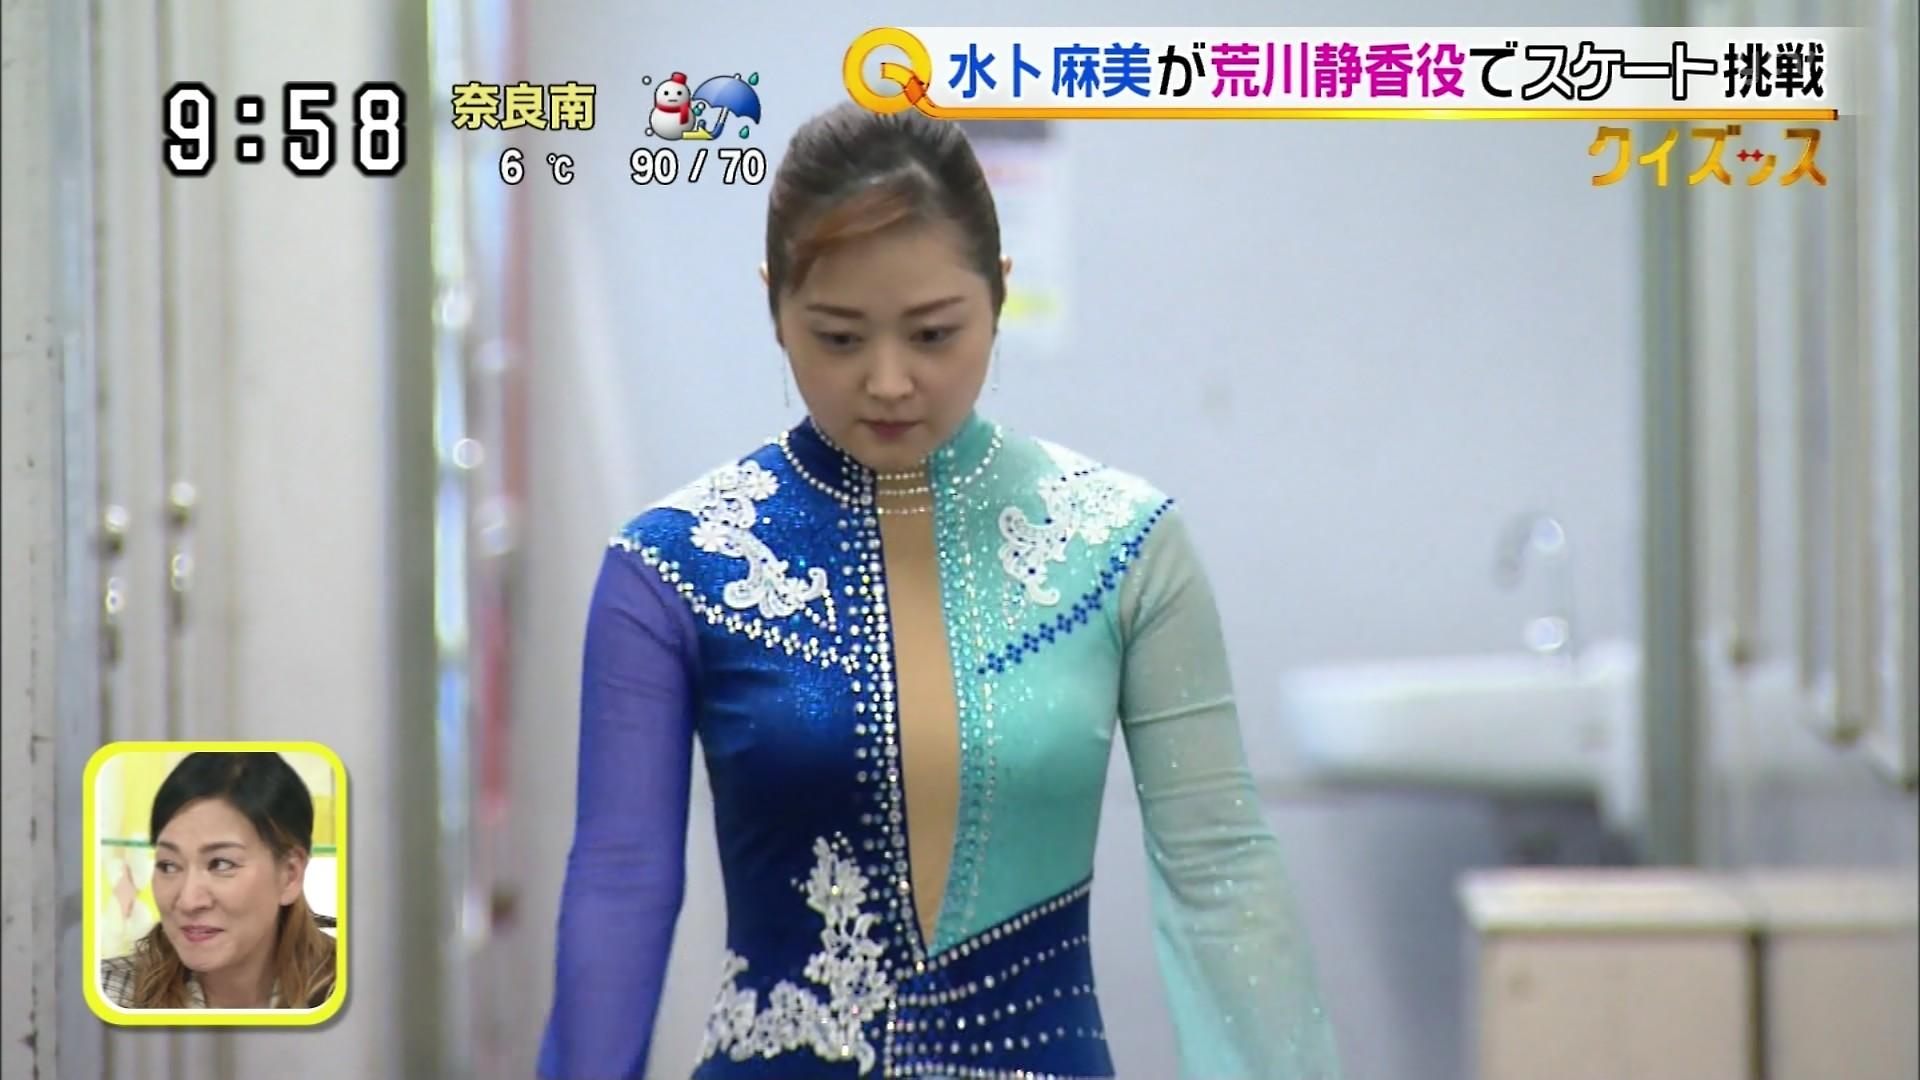 2019年2月11日・日本テレビ「スッキリ」水卜麻美さんのテレビキャプチャー画像-025